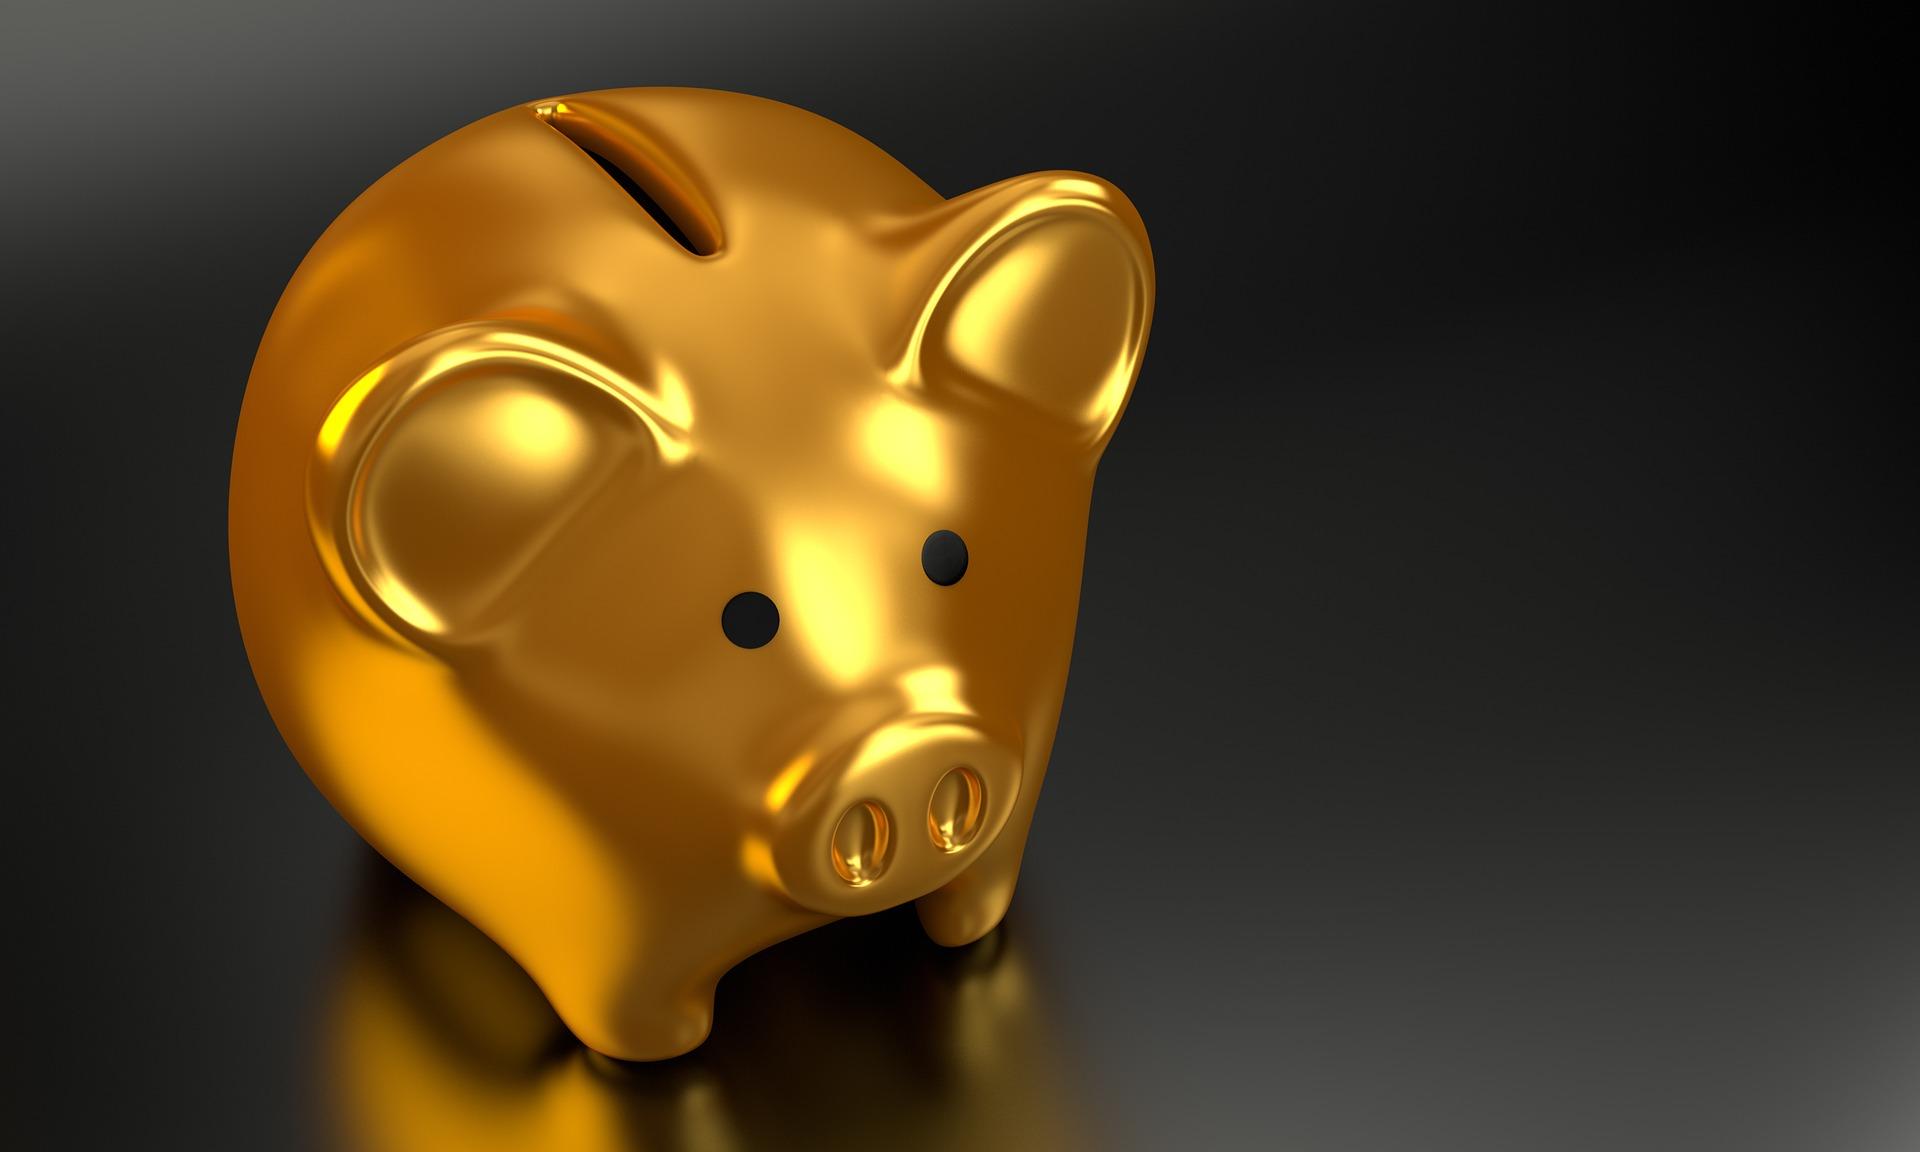 エンジニアは毎月いくら貯蓄すべき?老後のためのおすすめ貯蓄額を考えますのアイキャッチイメージ